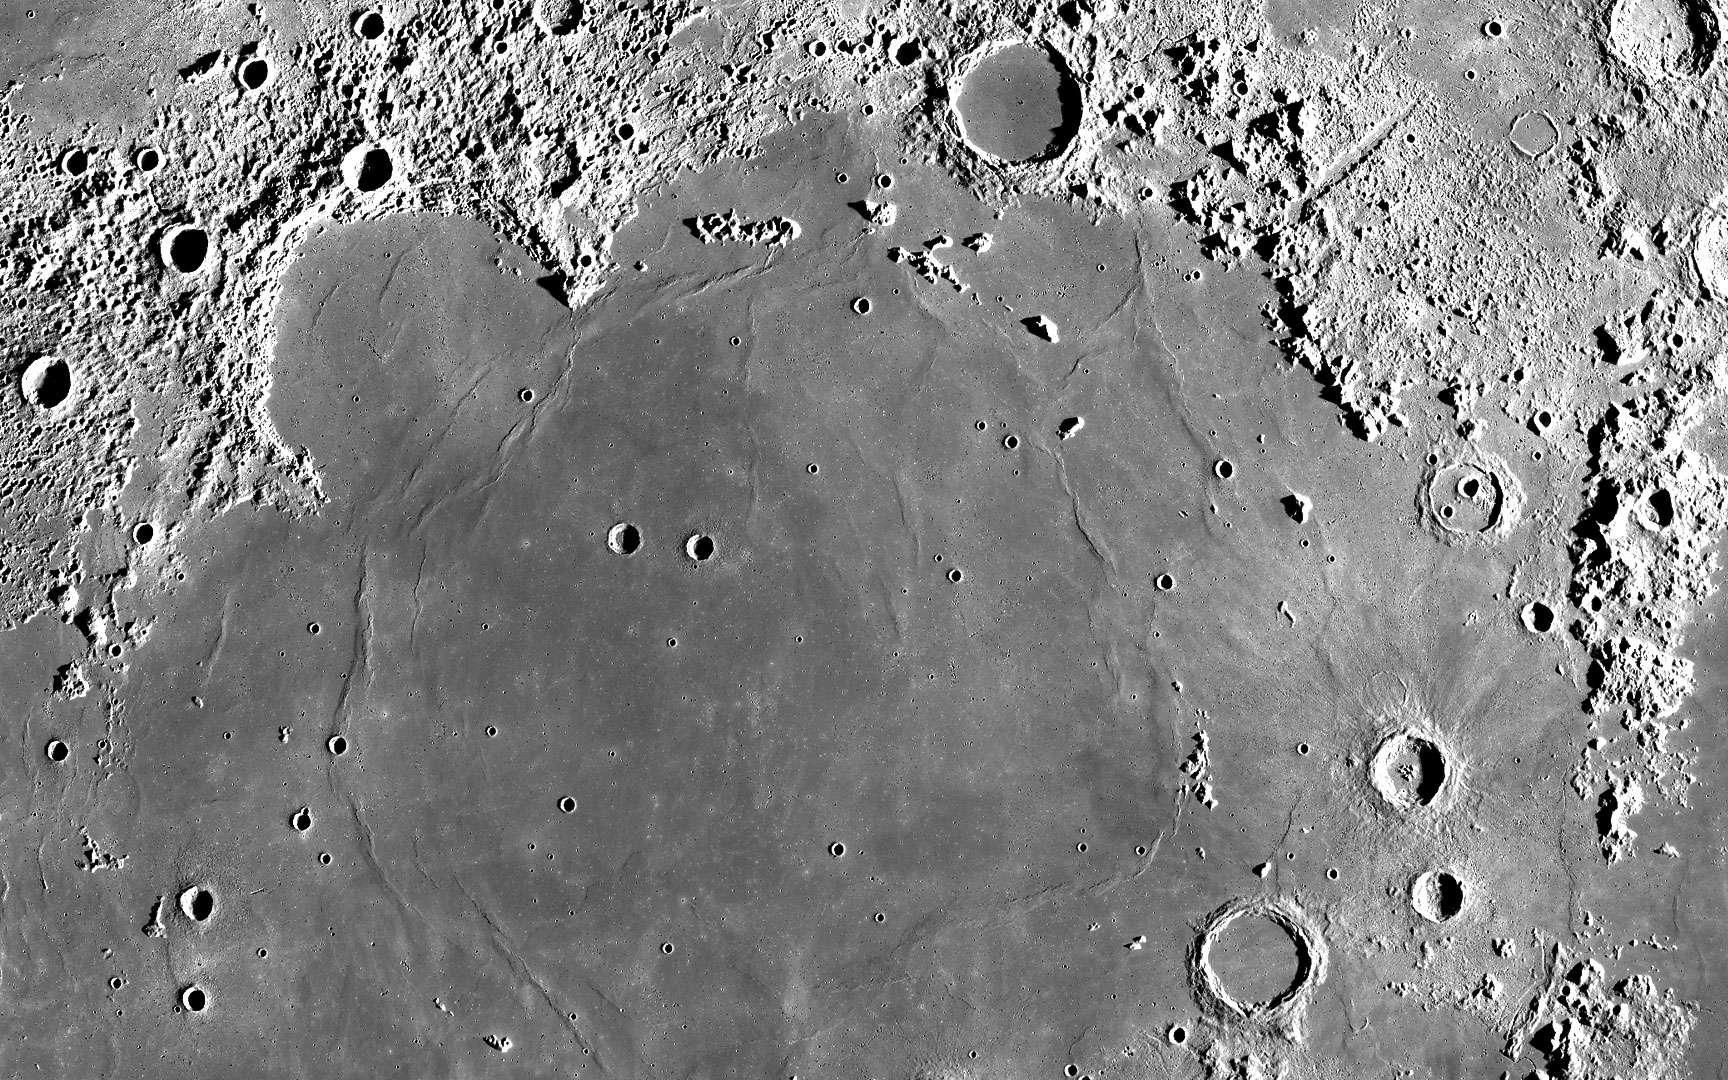 La Lune. Télescope 114/900, oculaire de 25mm barlow x2 (G=72) pose 2s sur Sensoria 200 avec un Pentax P30N - par occultation (aucune retouche).Photo prise en Septembre 2000 près de Lille (France) ©Copyright - Christian VEEGAERT. Tous droits réservés. http://astroamat.free.fr